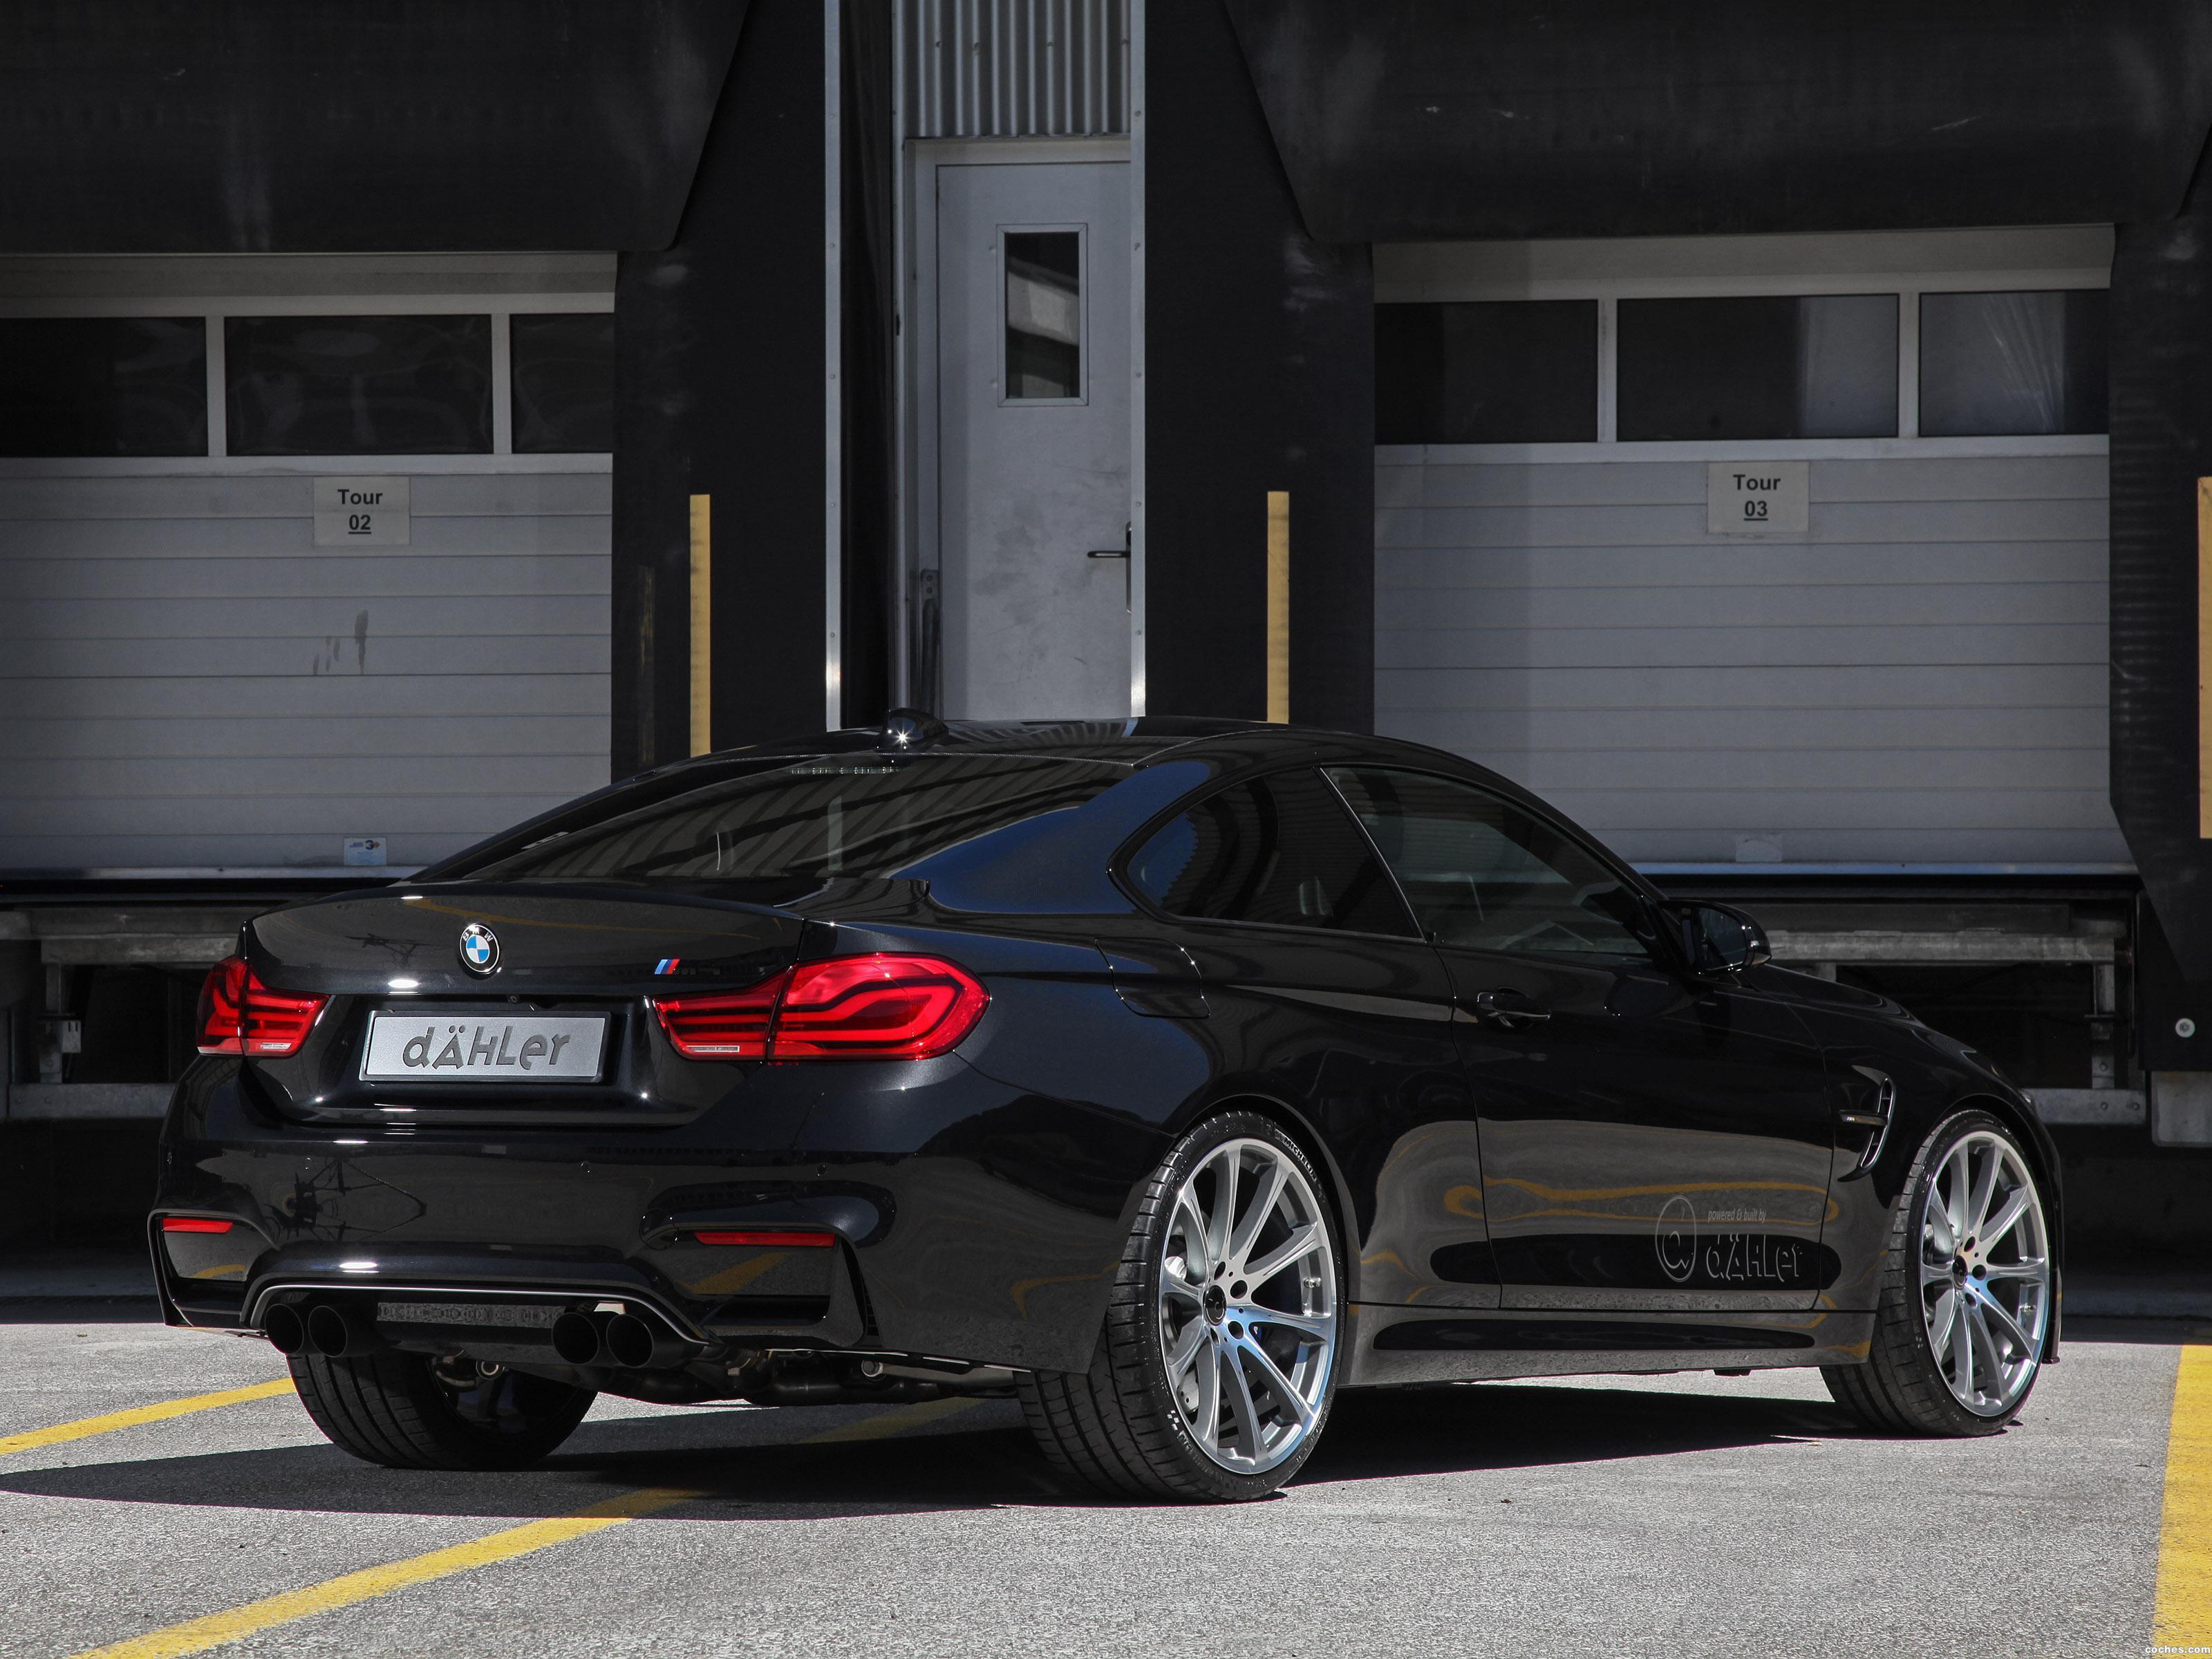 Foto 4 de Dahler BMW M4 Coupe Competition Package F82 2017